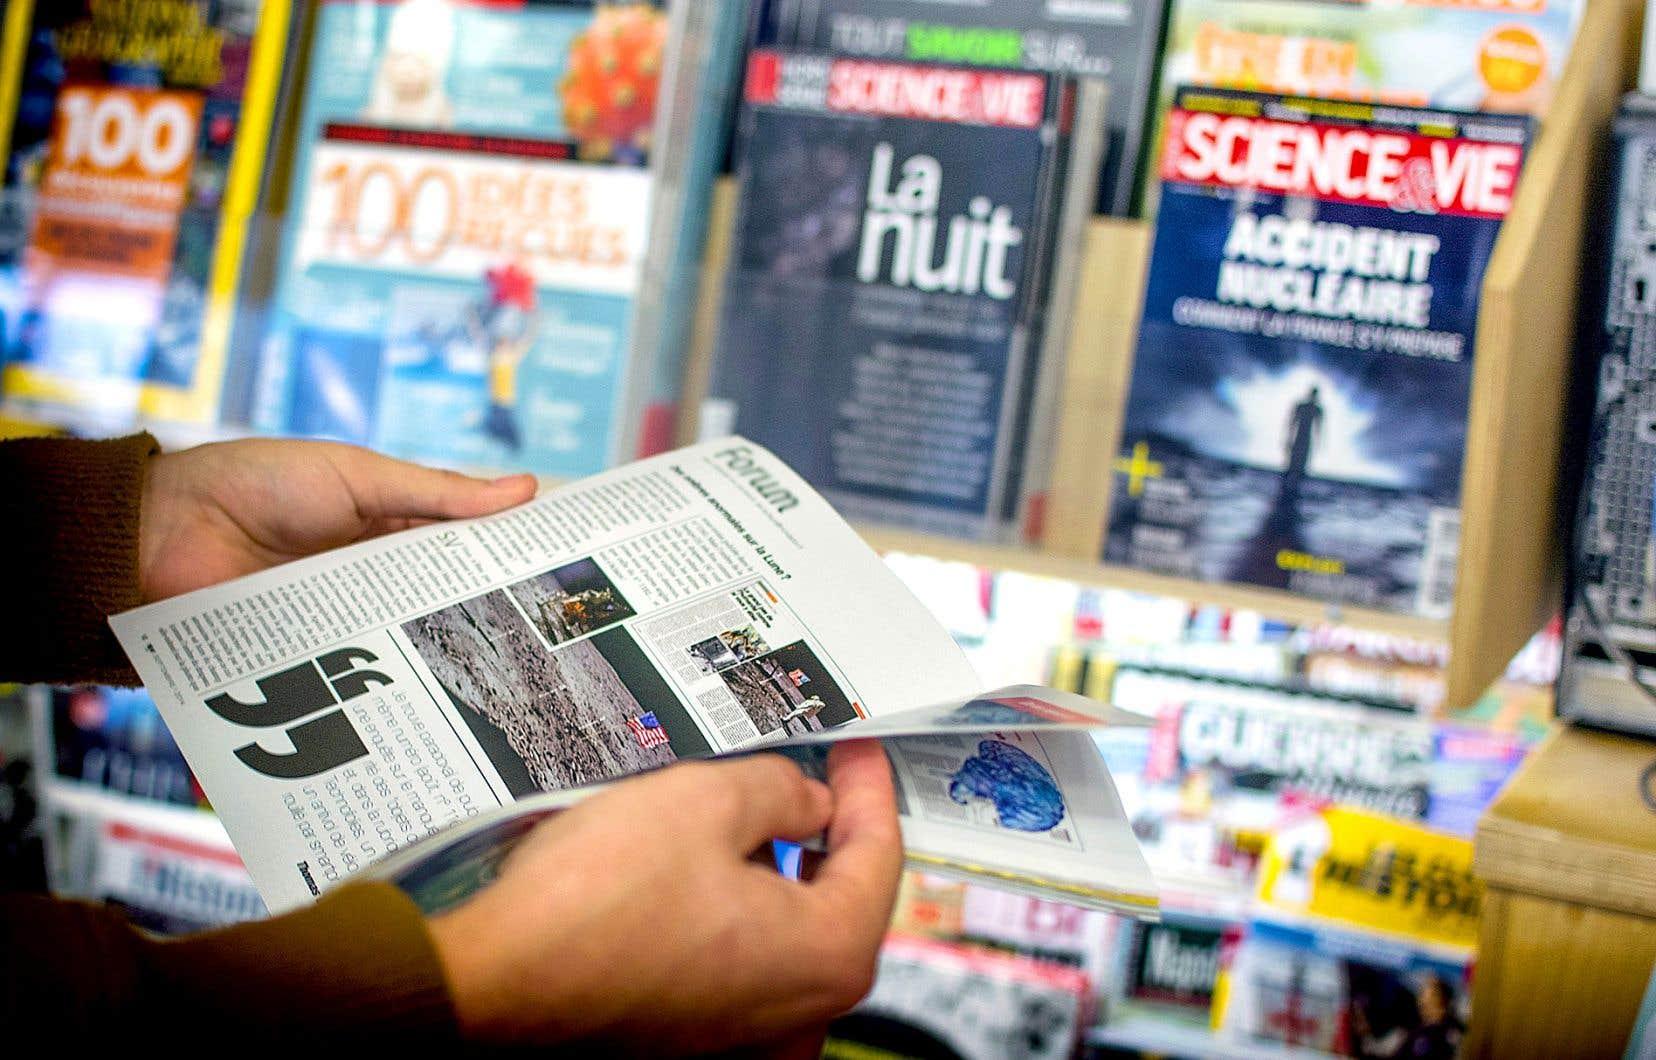 Pour encourager le milieu universitaire à rédiger en français, le Fonds de recherche du Québec remet trois prix Publication en français par mois à des chercheurs qui choisissent la langue de Molière dans leurs articles.